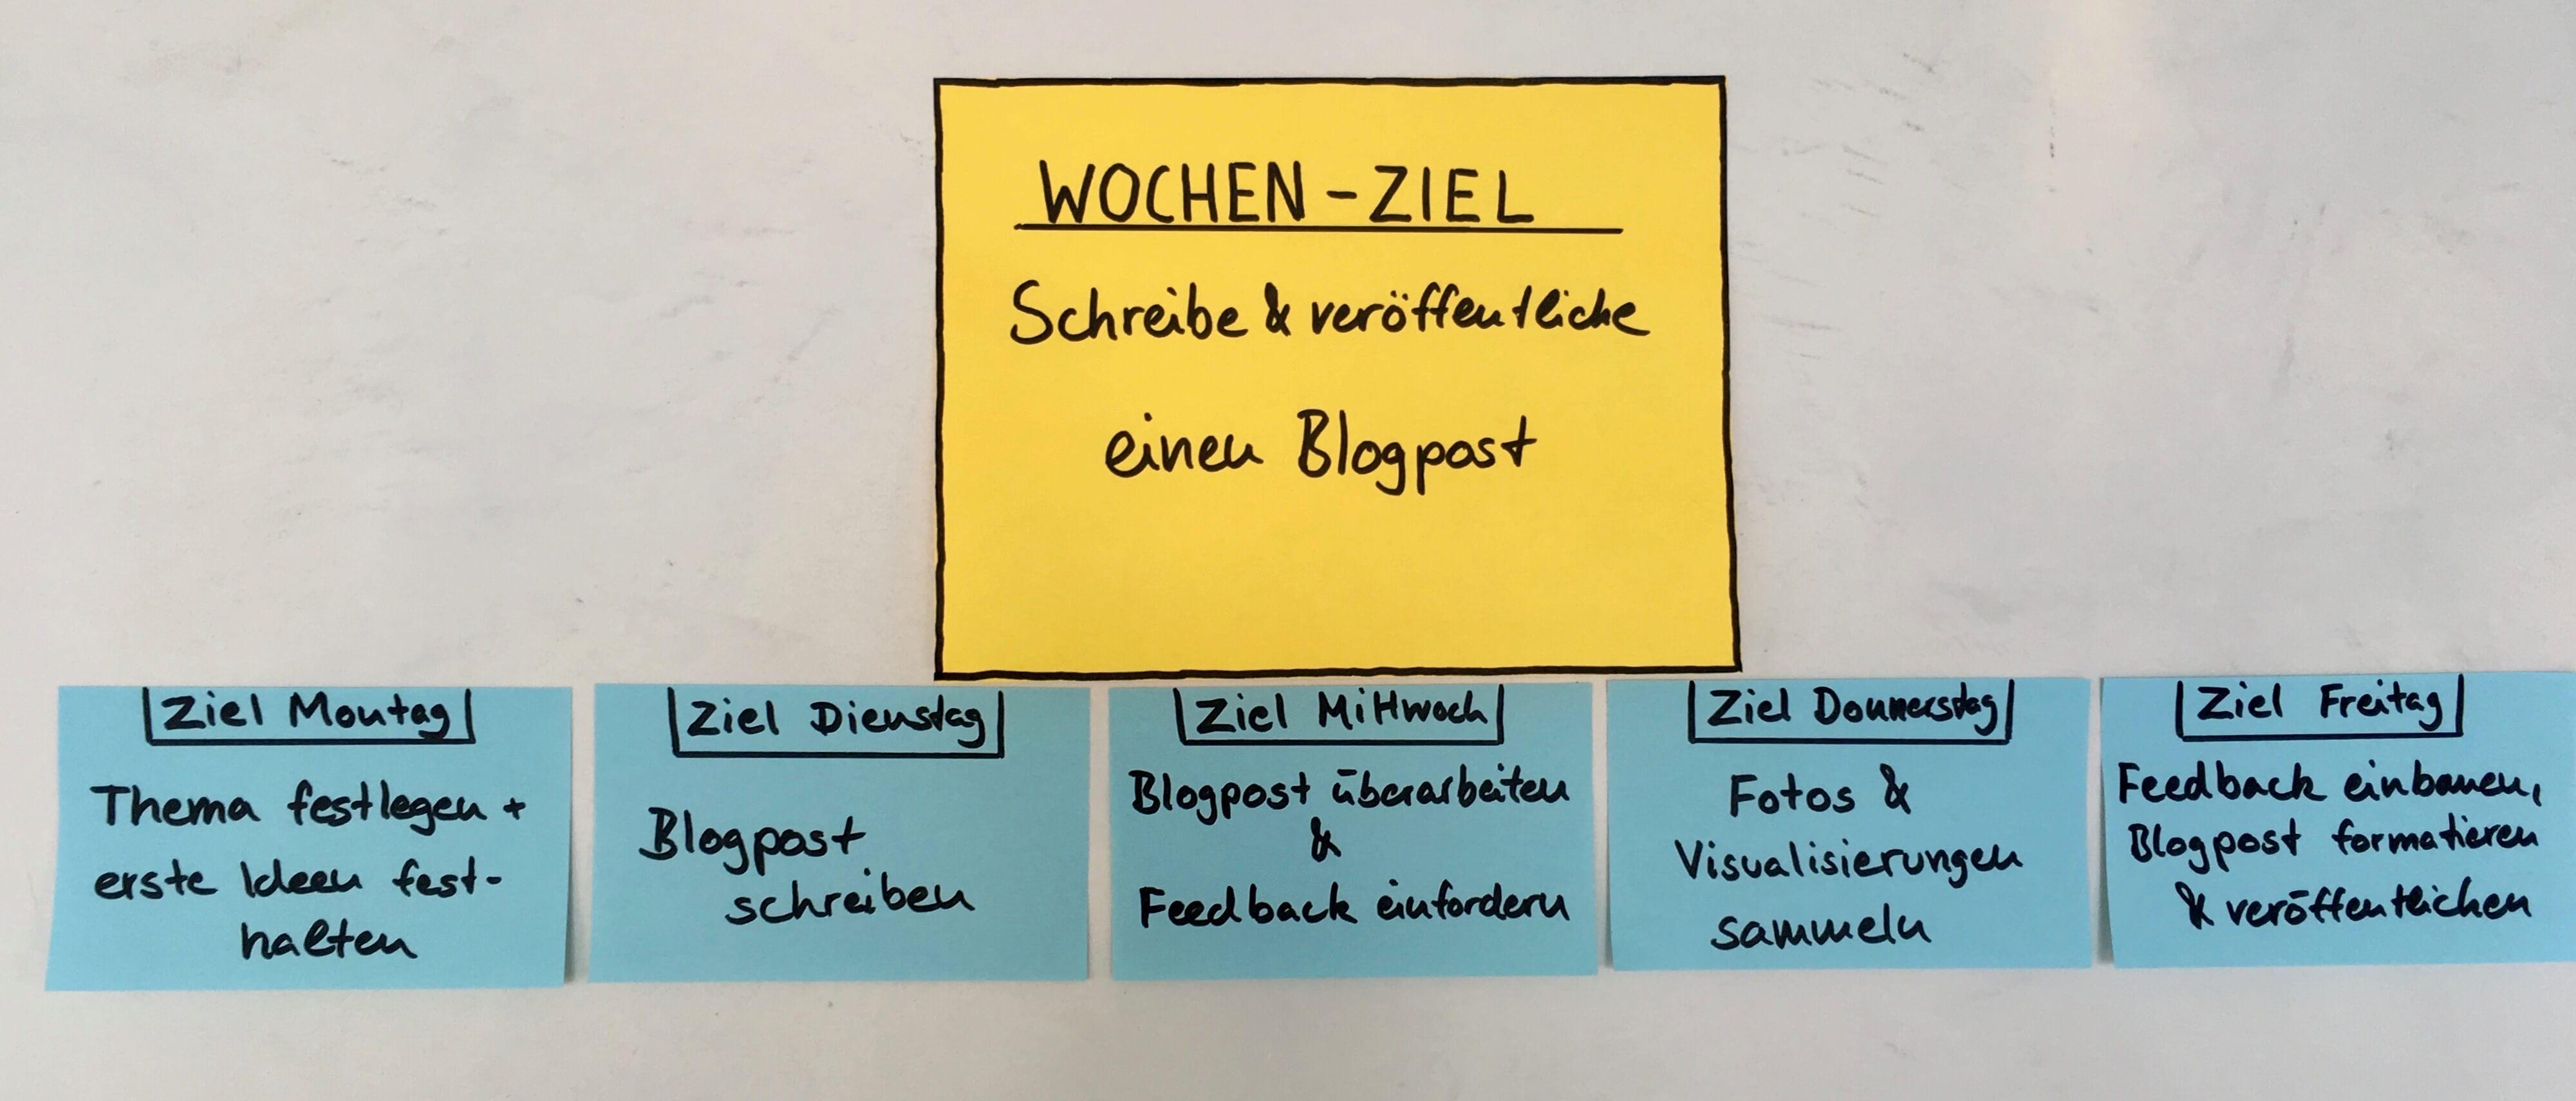 Ein Beispiel für Design Sprint Methoden Wochenziel auf Tagesziele runtergebrochen